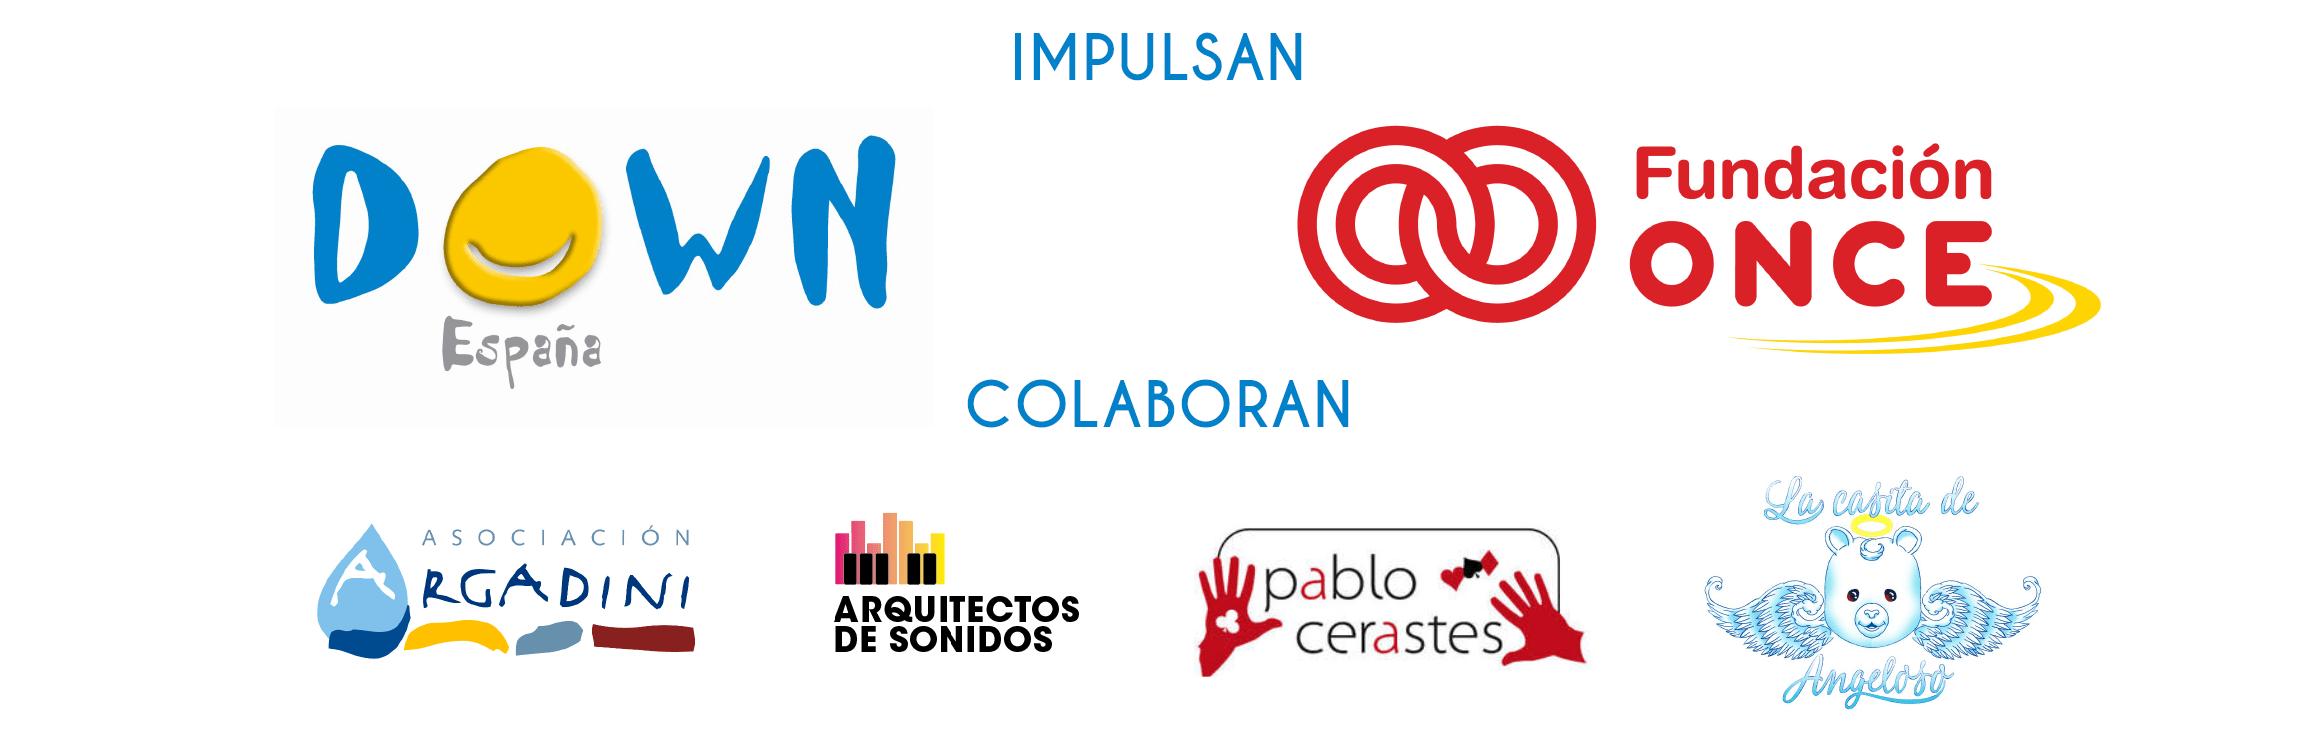 Impulsan: Down España y Fundación Once